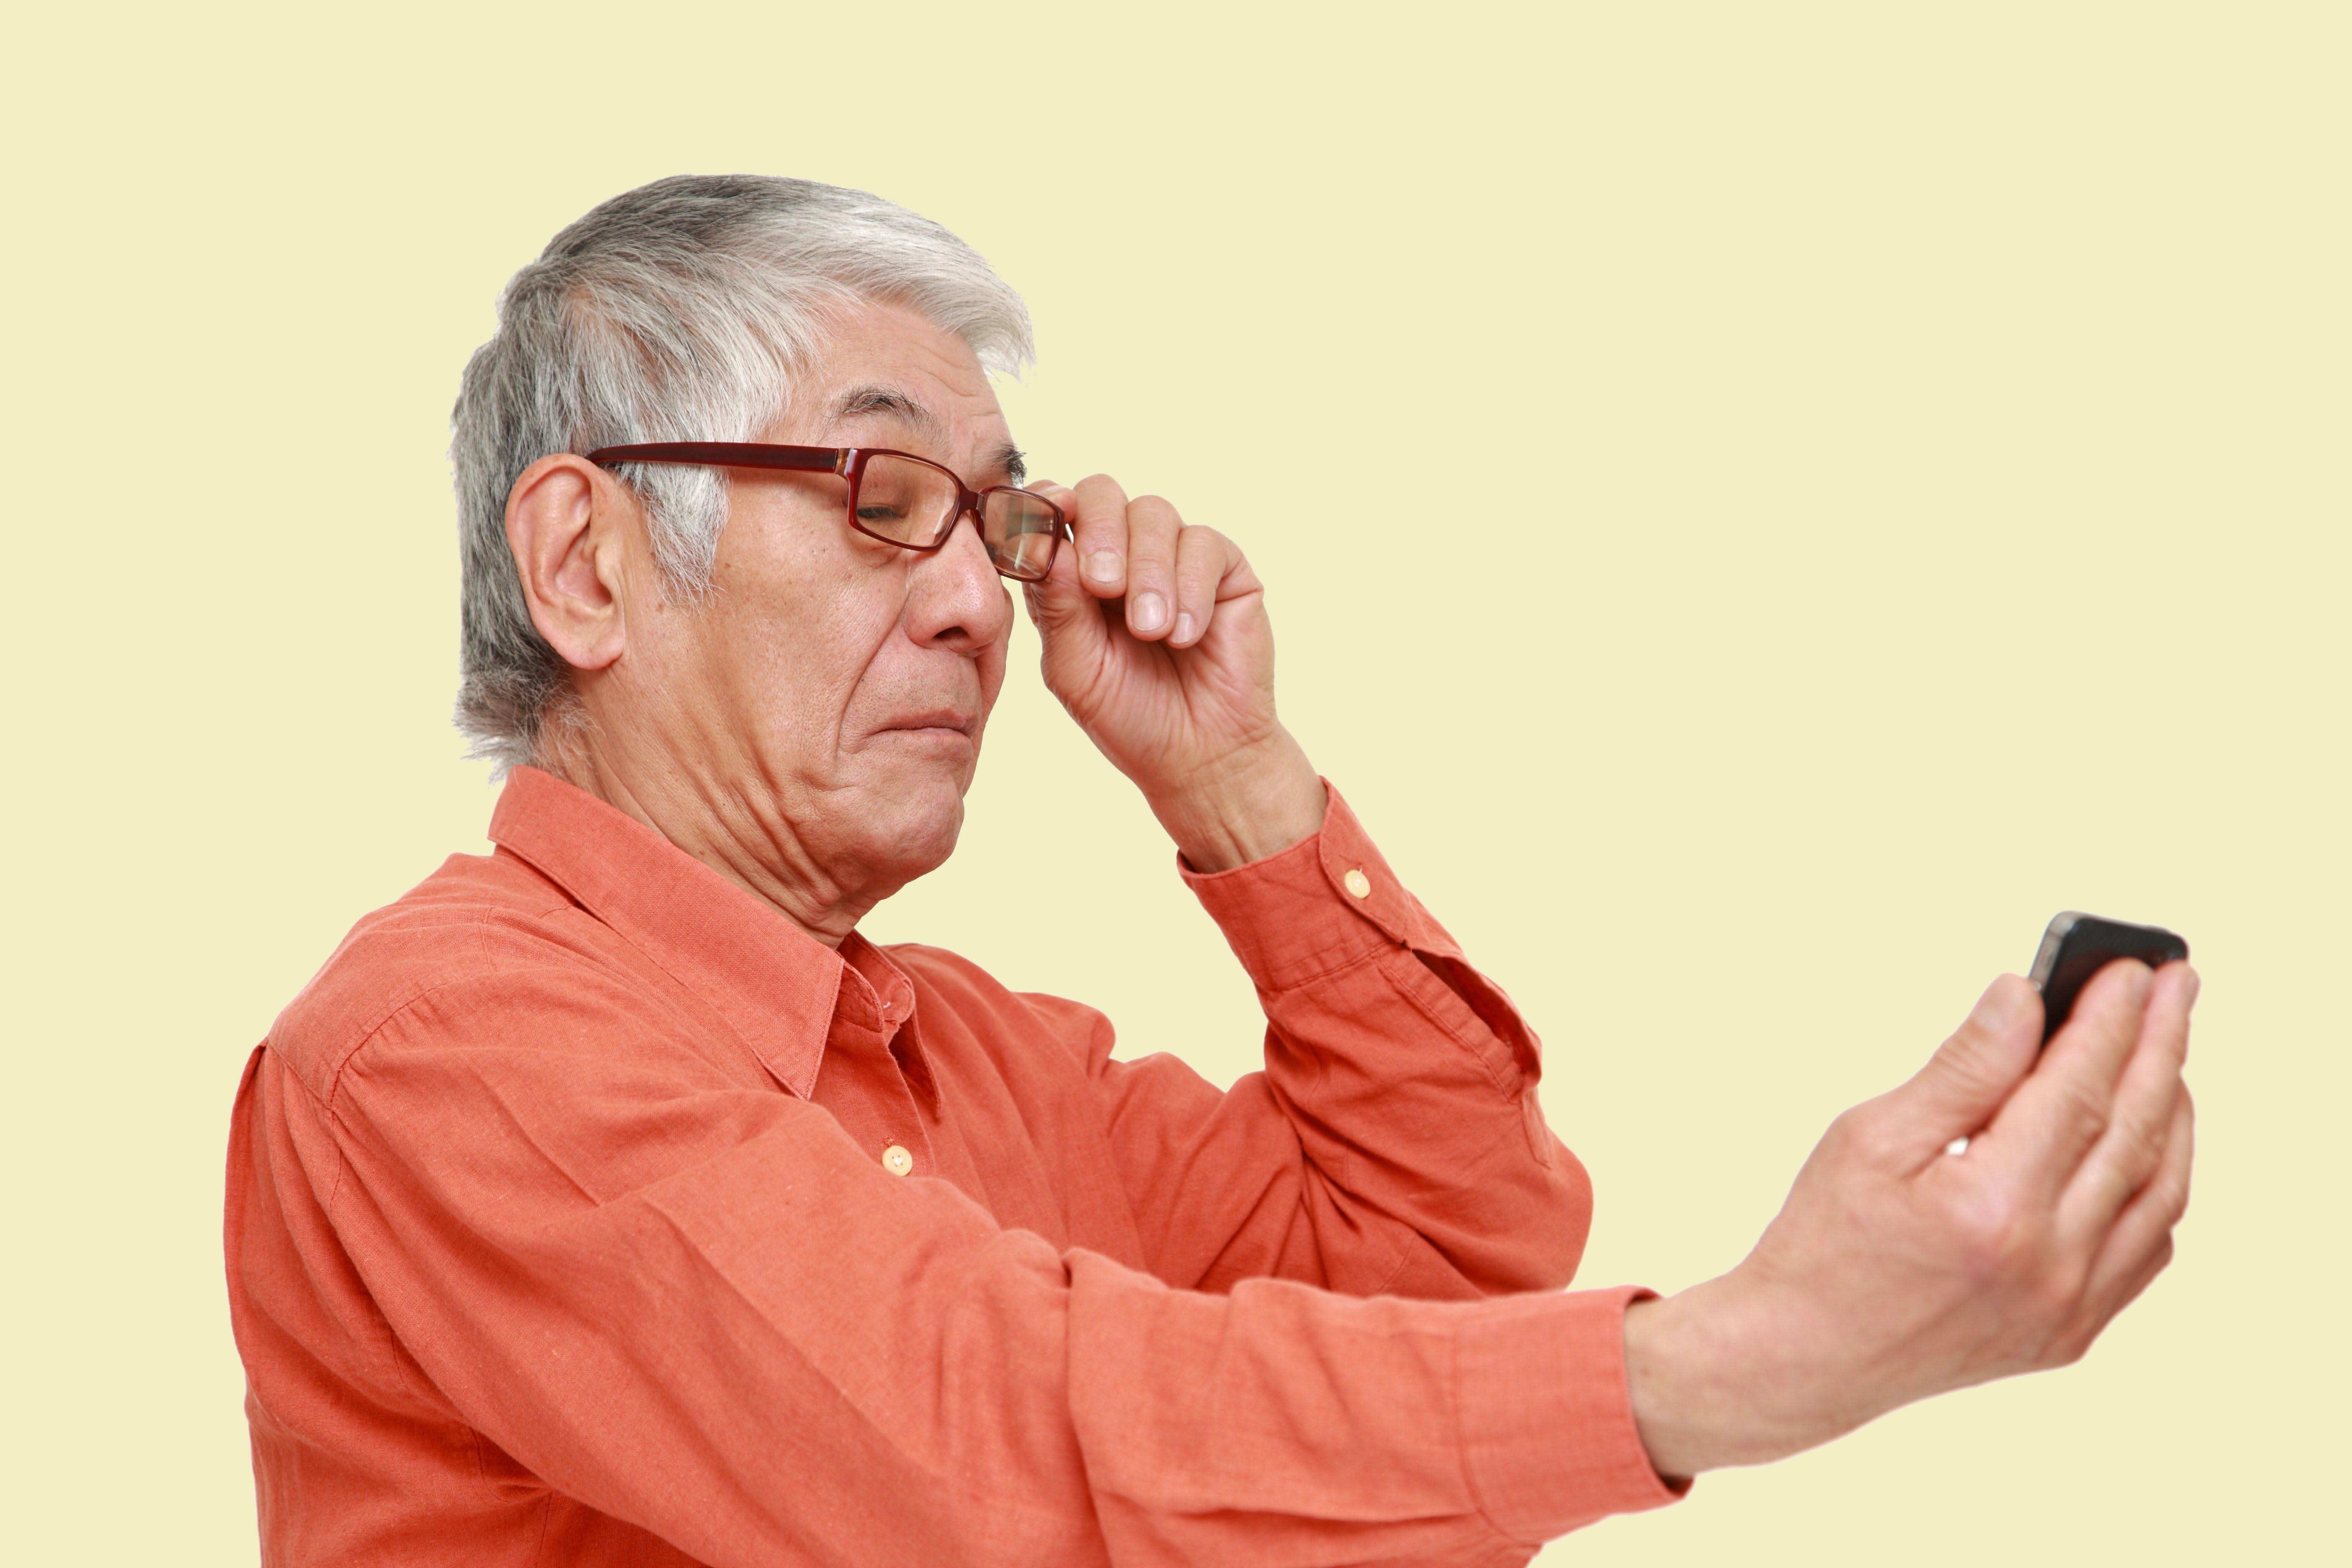 Hvorfor bliver vores syn dårligere med alderen?